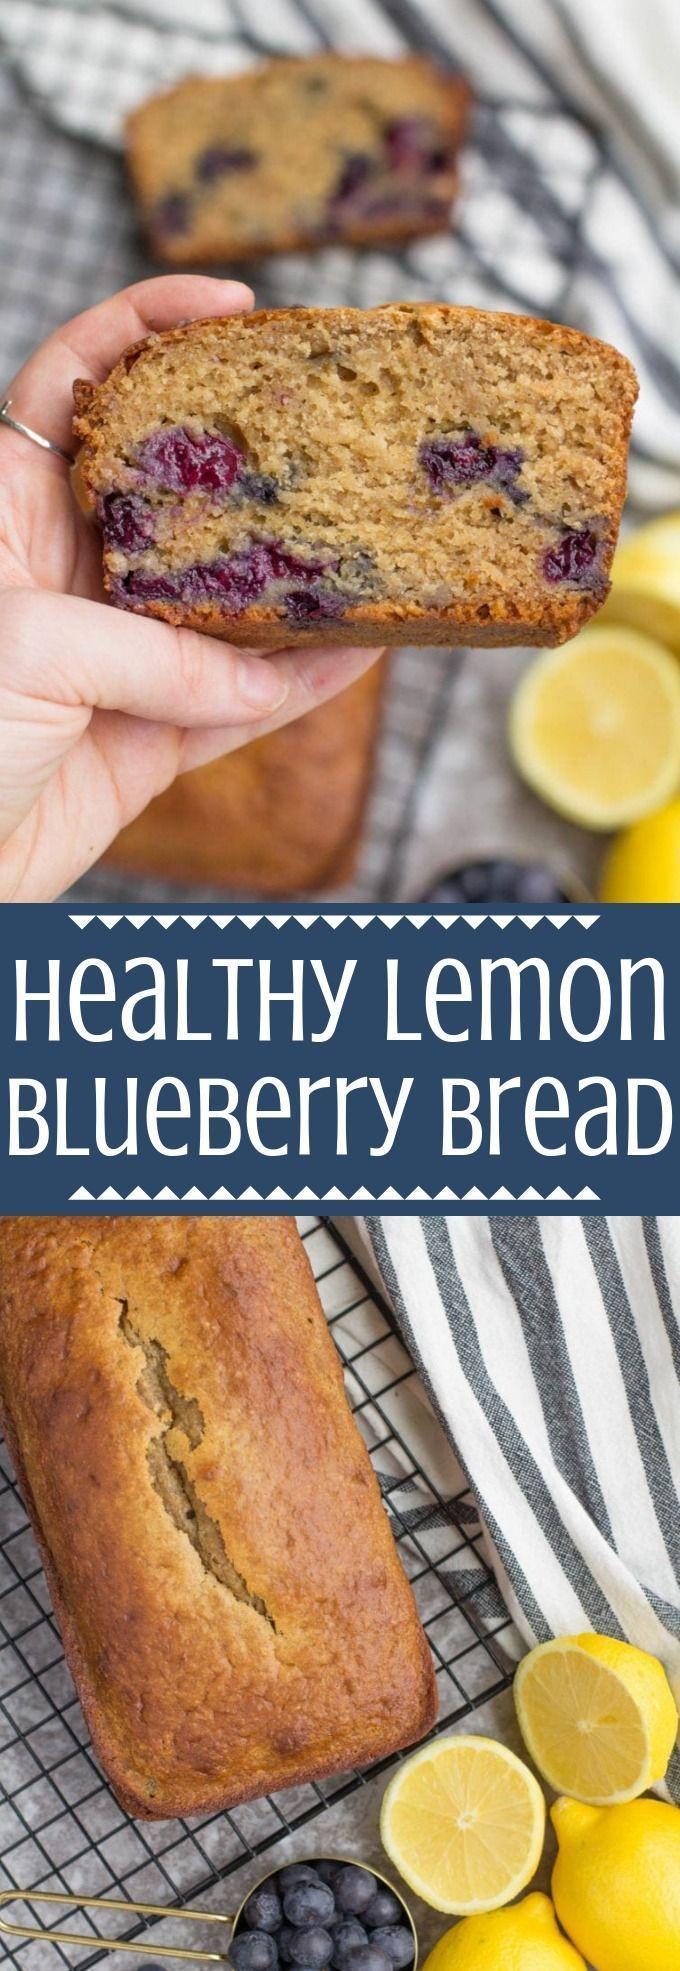 Healthy Lemon Blueberry Bread   - Clean Eating Breakfast Ideas -